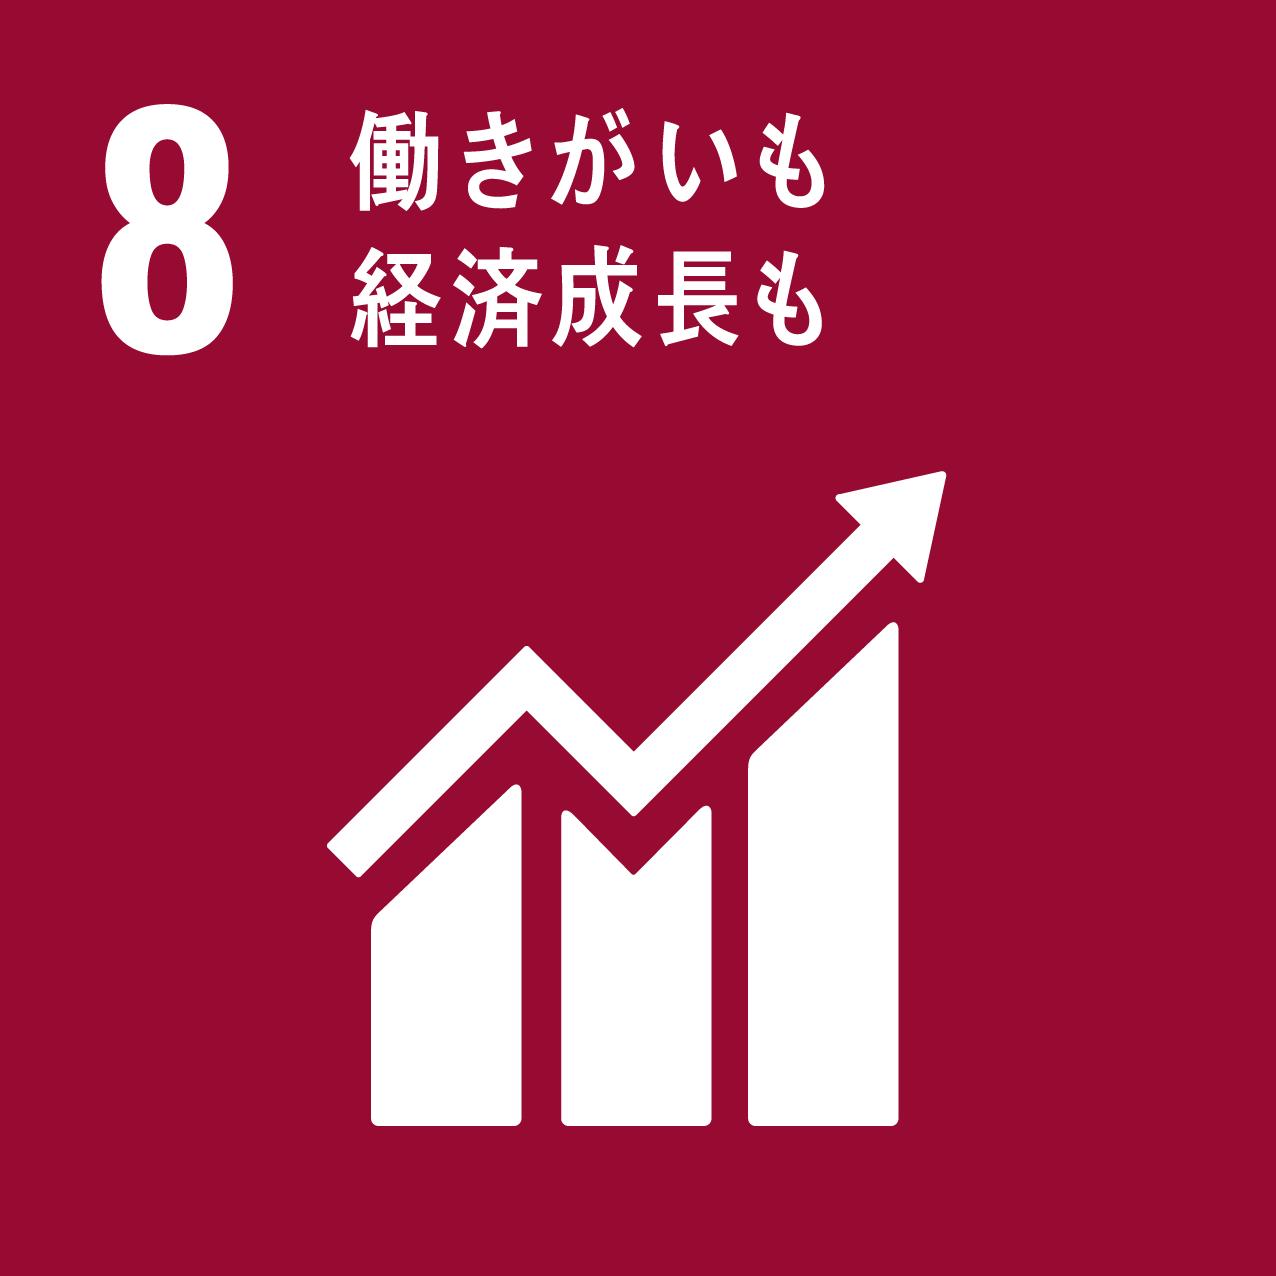 SDGs_08.png